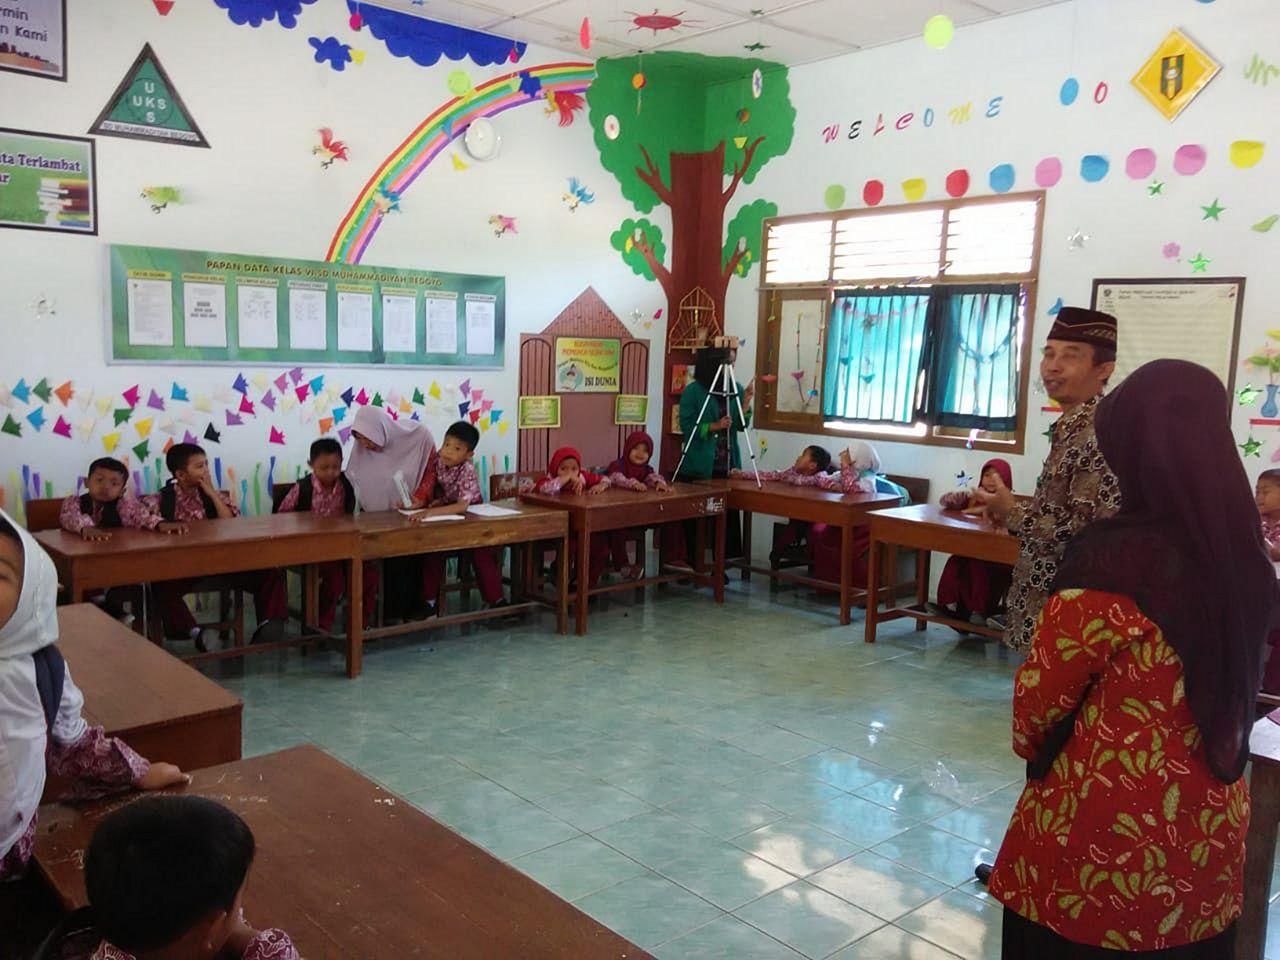 SD Muhammadiyah Bedoyo Sekolah Desa Nuansa Kota 07